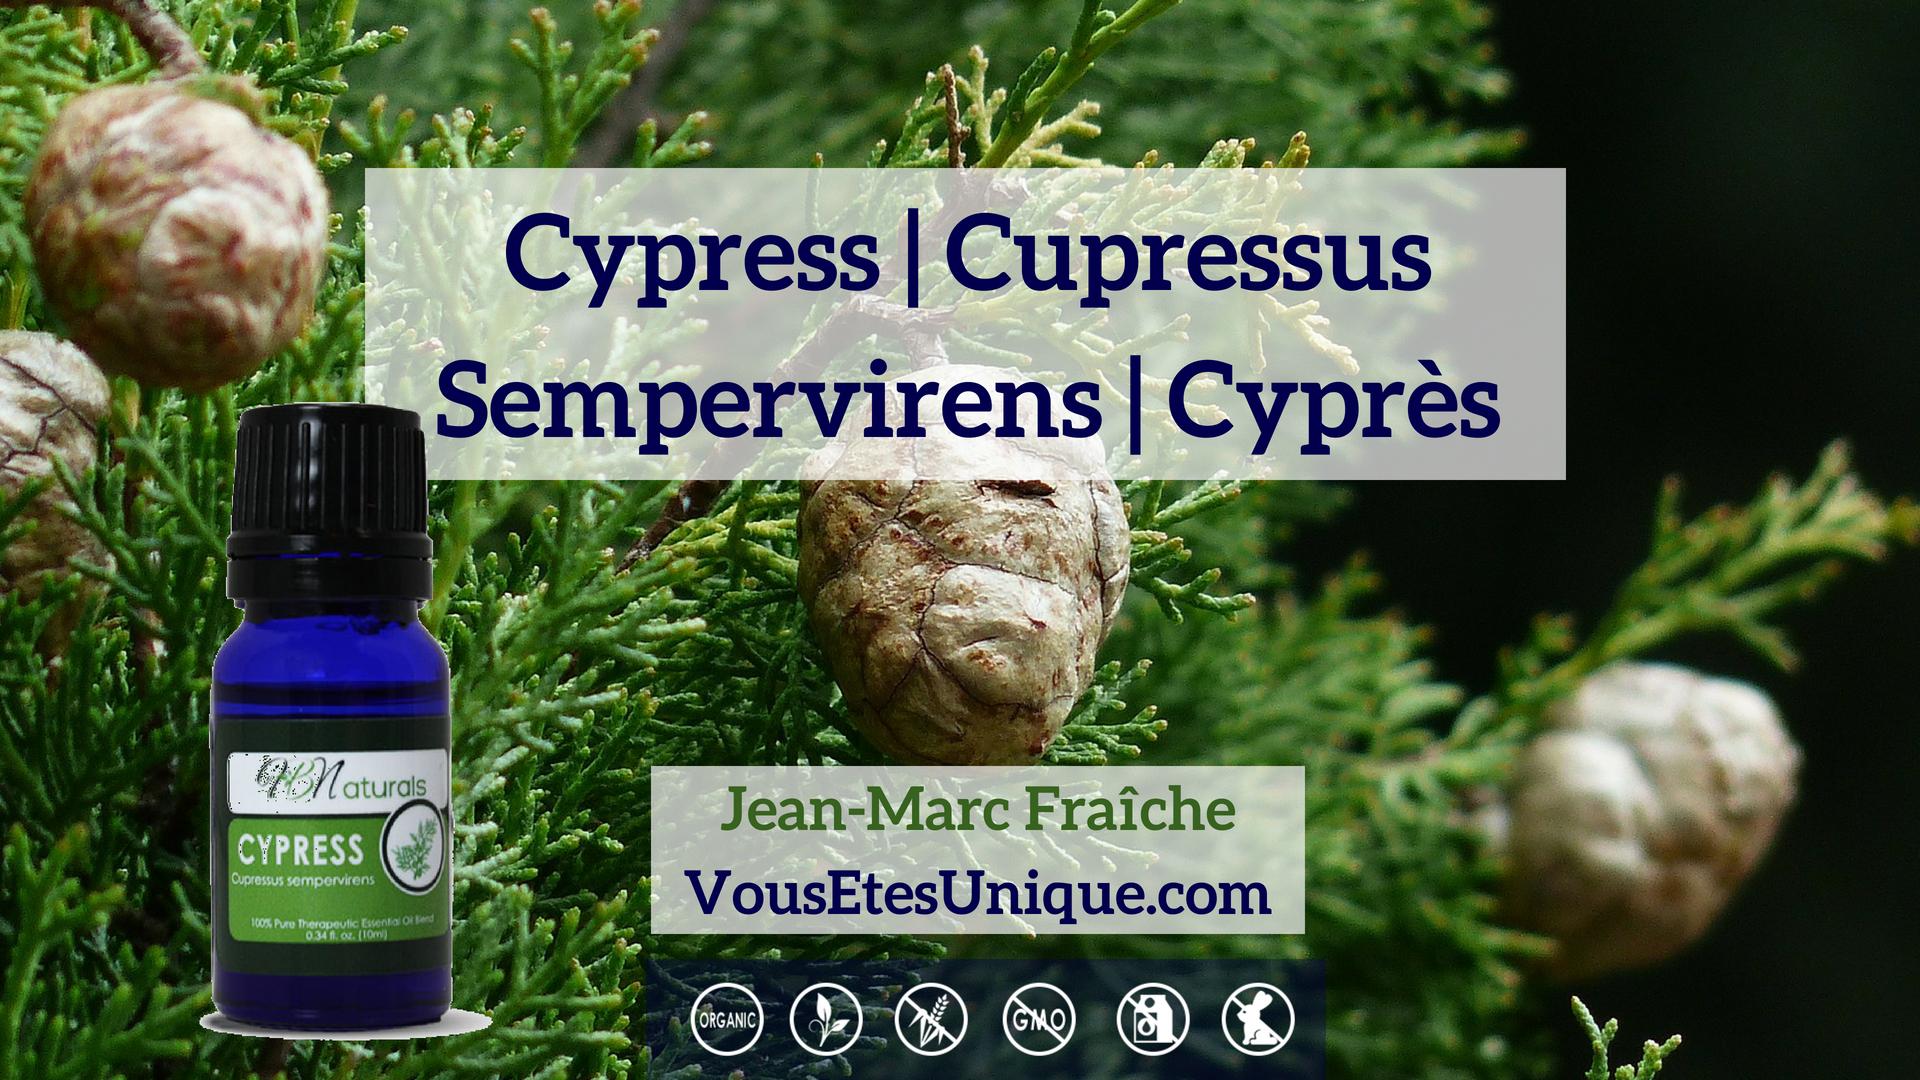 Cypres-Huile-Essentielle-HB-Naturals-Jean-Marc-Fraiche-VousEtesUnique